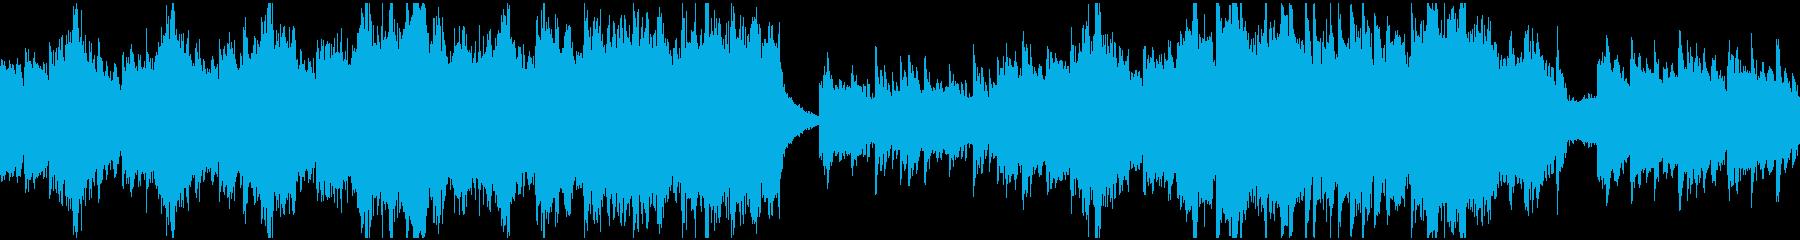 ダーク&クラシカル・ループの再生済みの波形